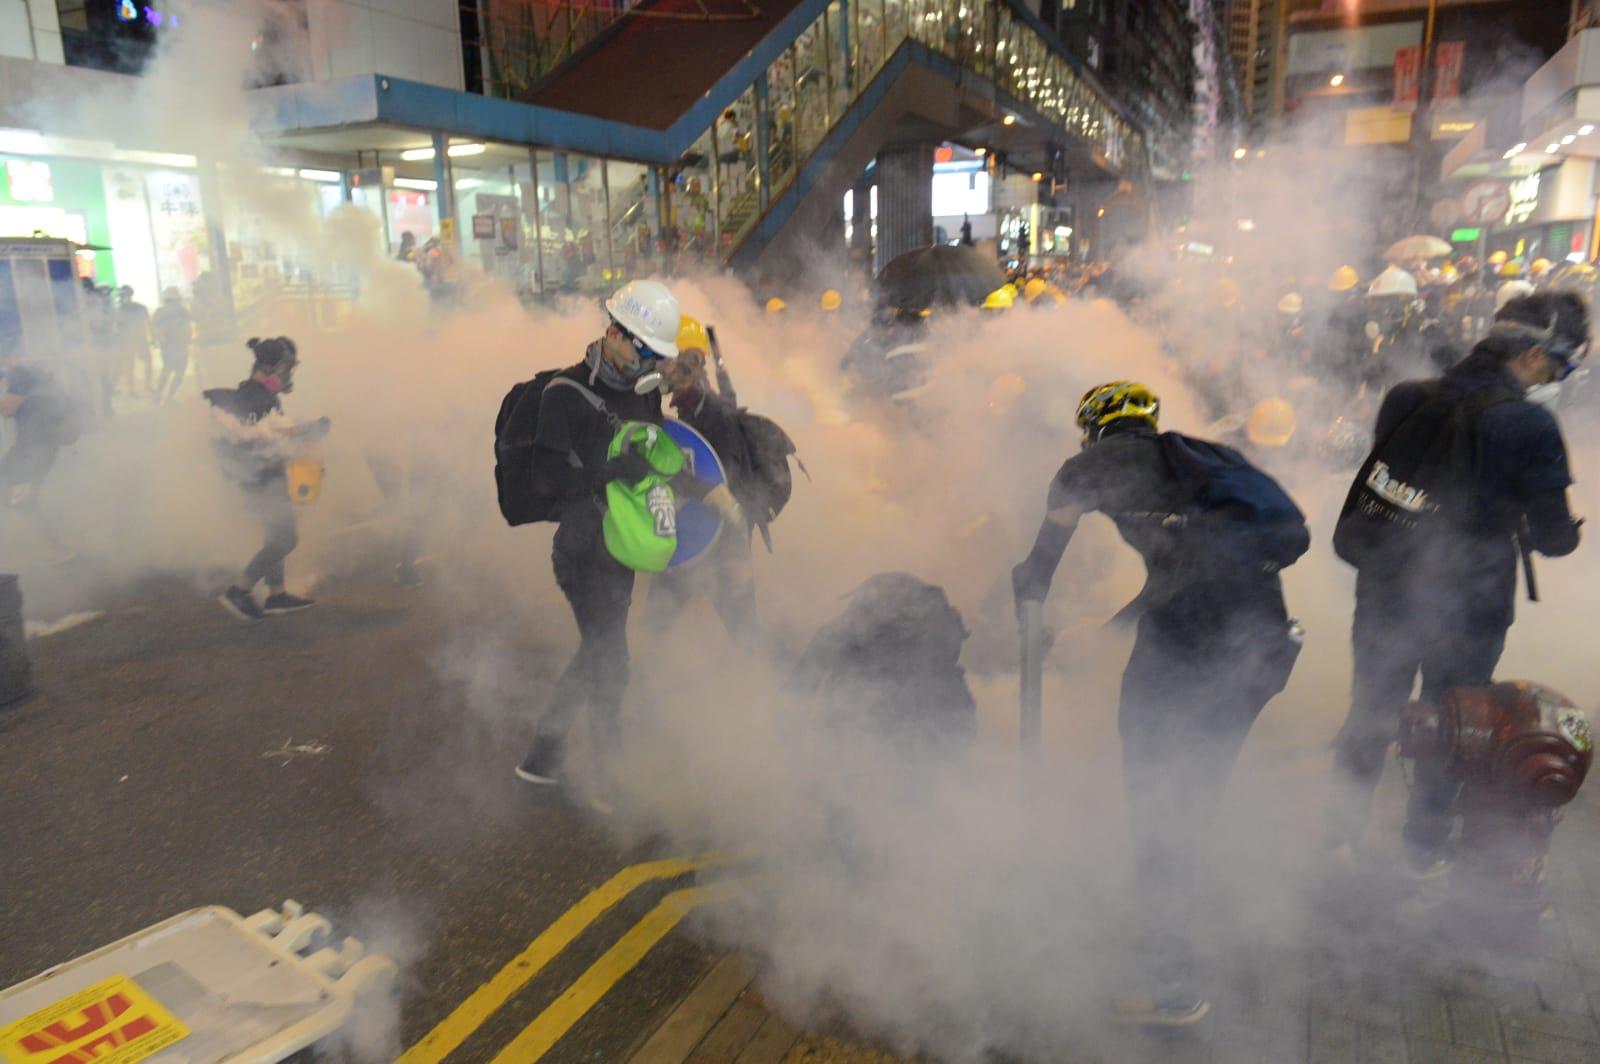 香港警方自6月以來發射超過千枚催淚彈,大紀元新唐人記者在前線採訪多次中彈。但不畏艱險,堅持報道第一線真相給讀者。(宋碧龍/大紀元)